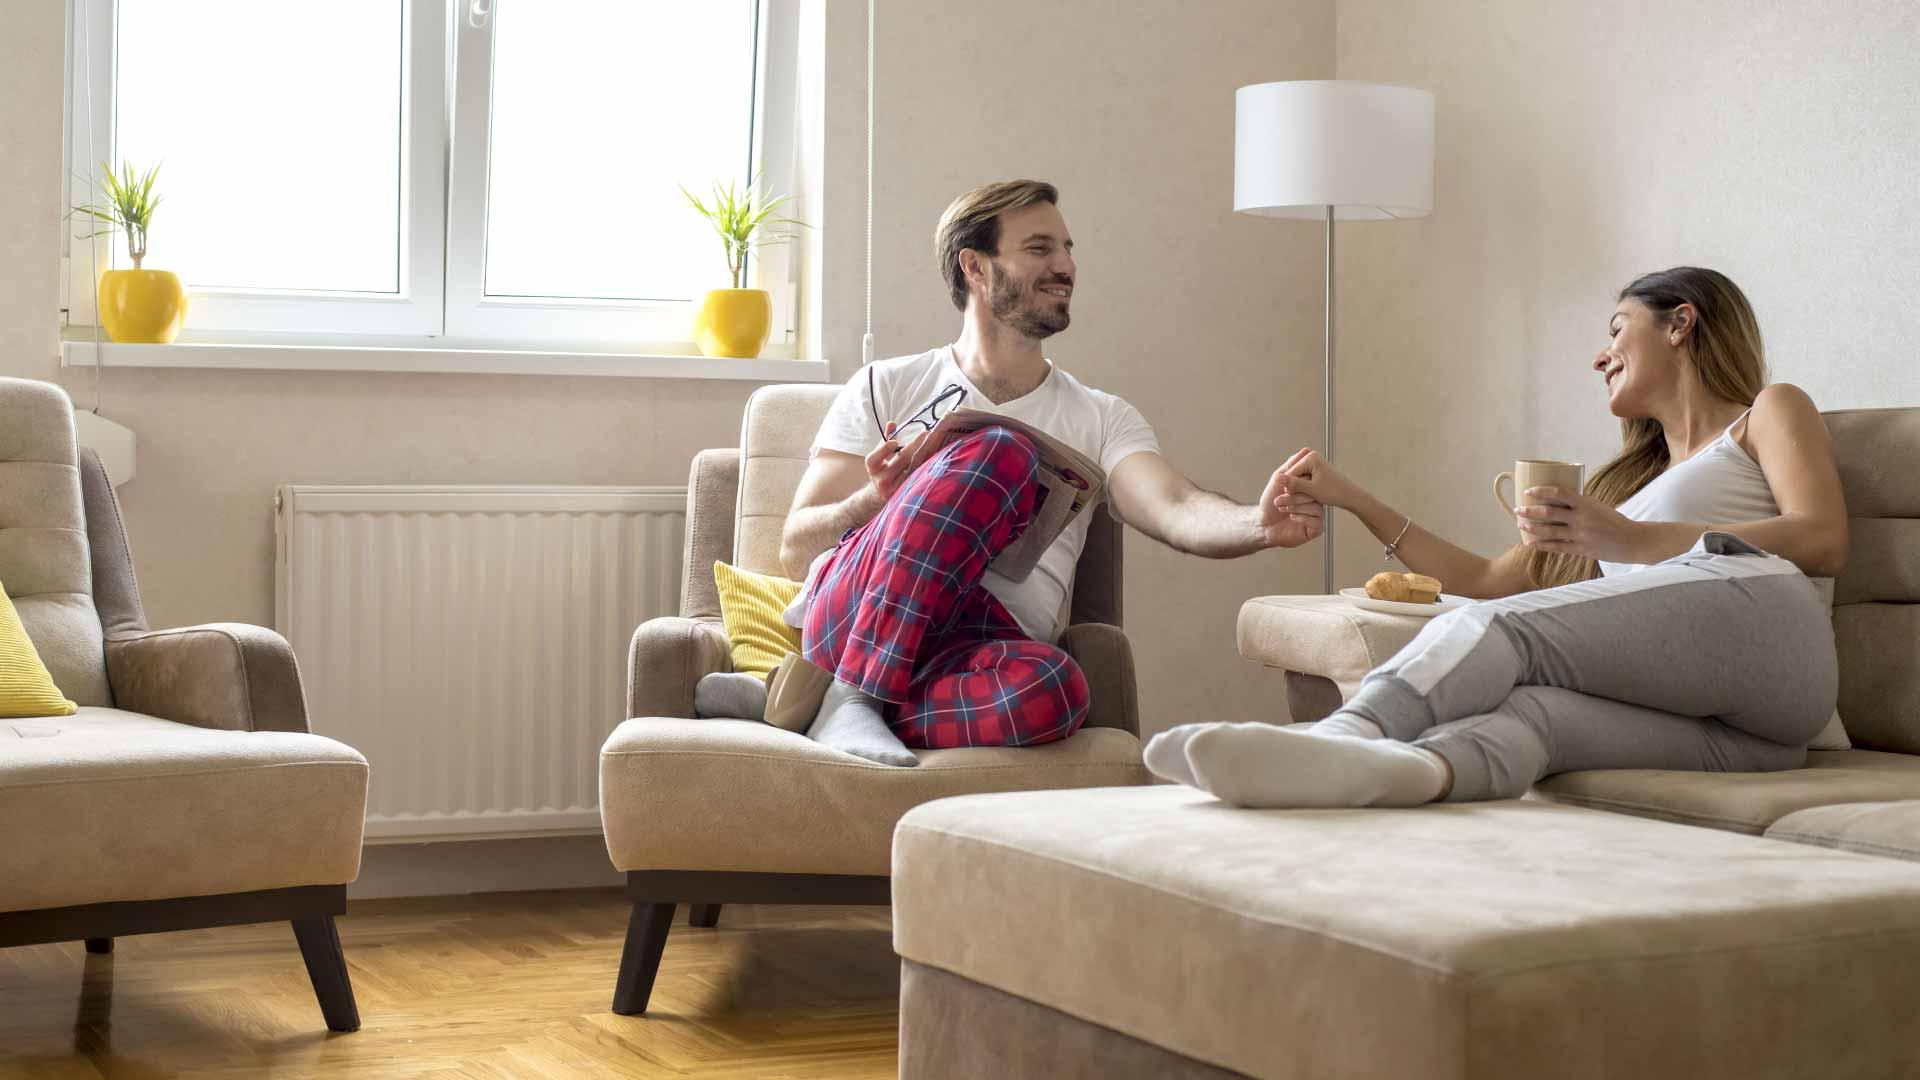 Acumuladores Gabarrón: lo mejor para tu hogar